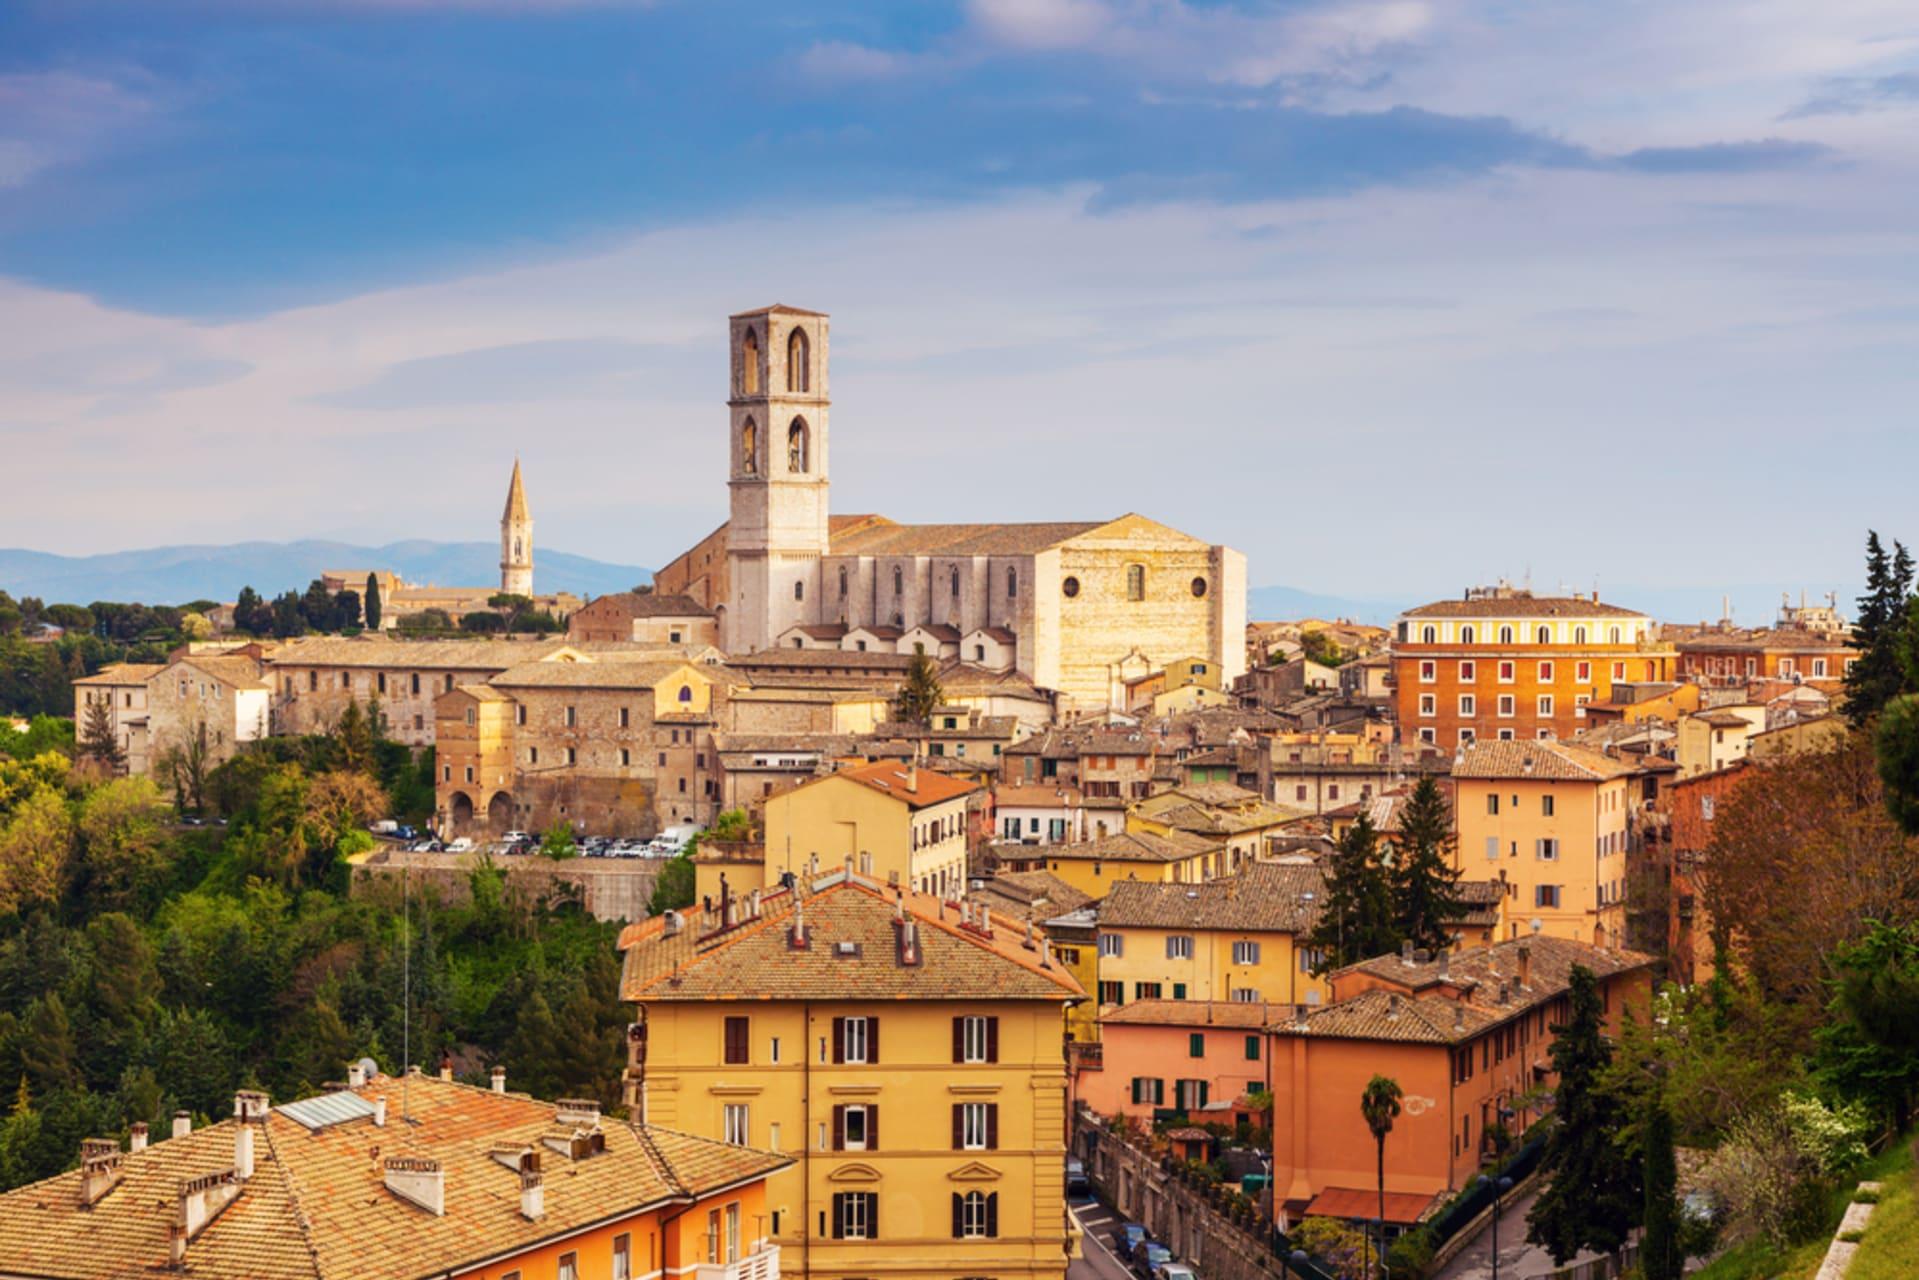 Perugia - Perugia 5 Colours - Yellow : The Borgo Bello